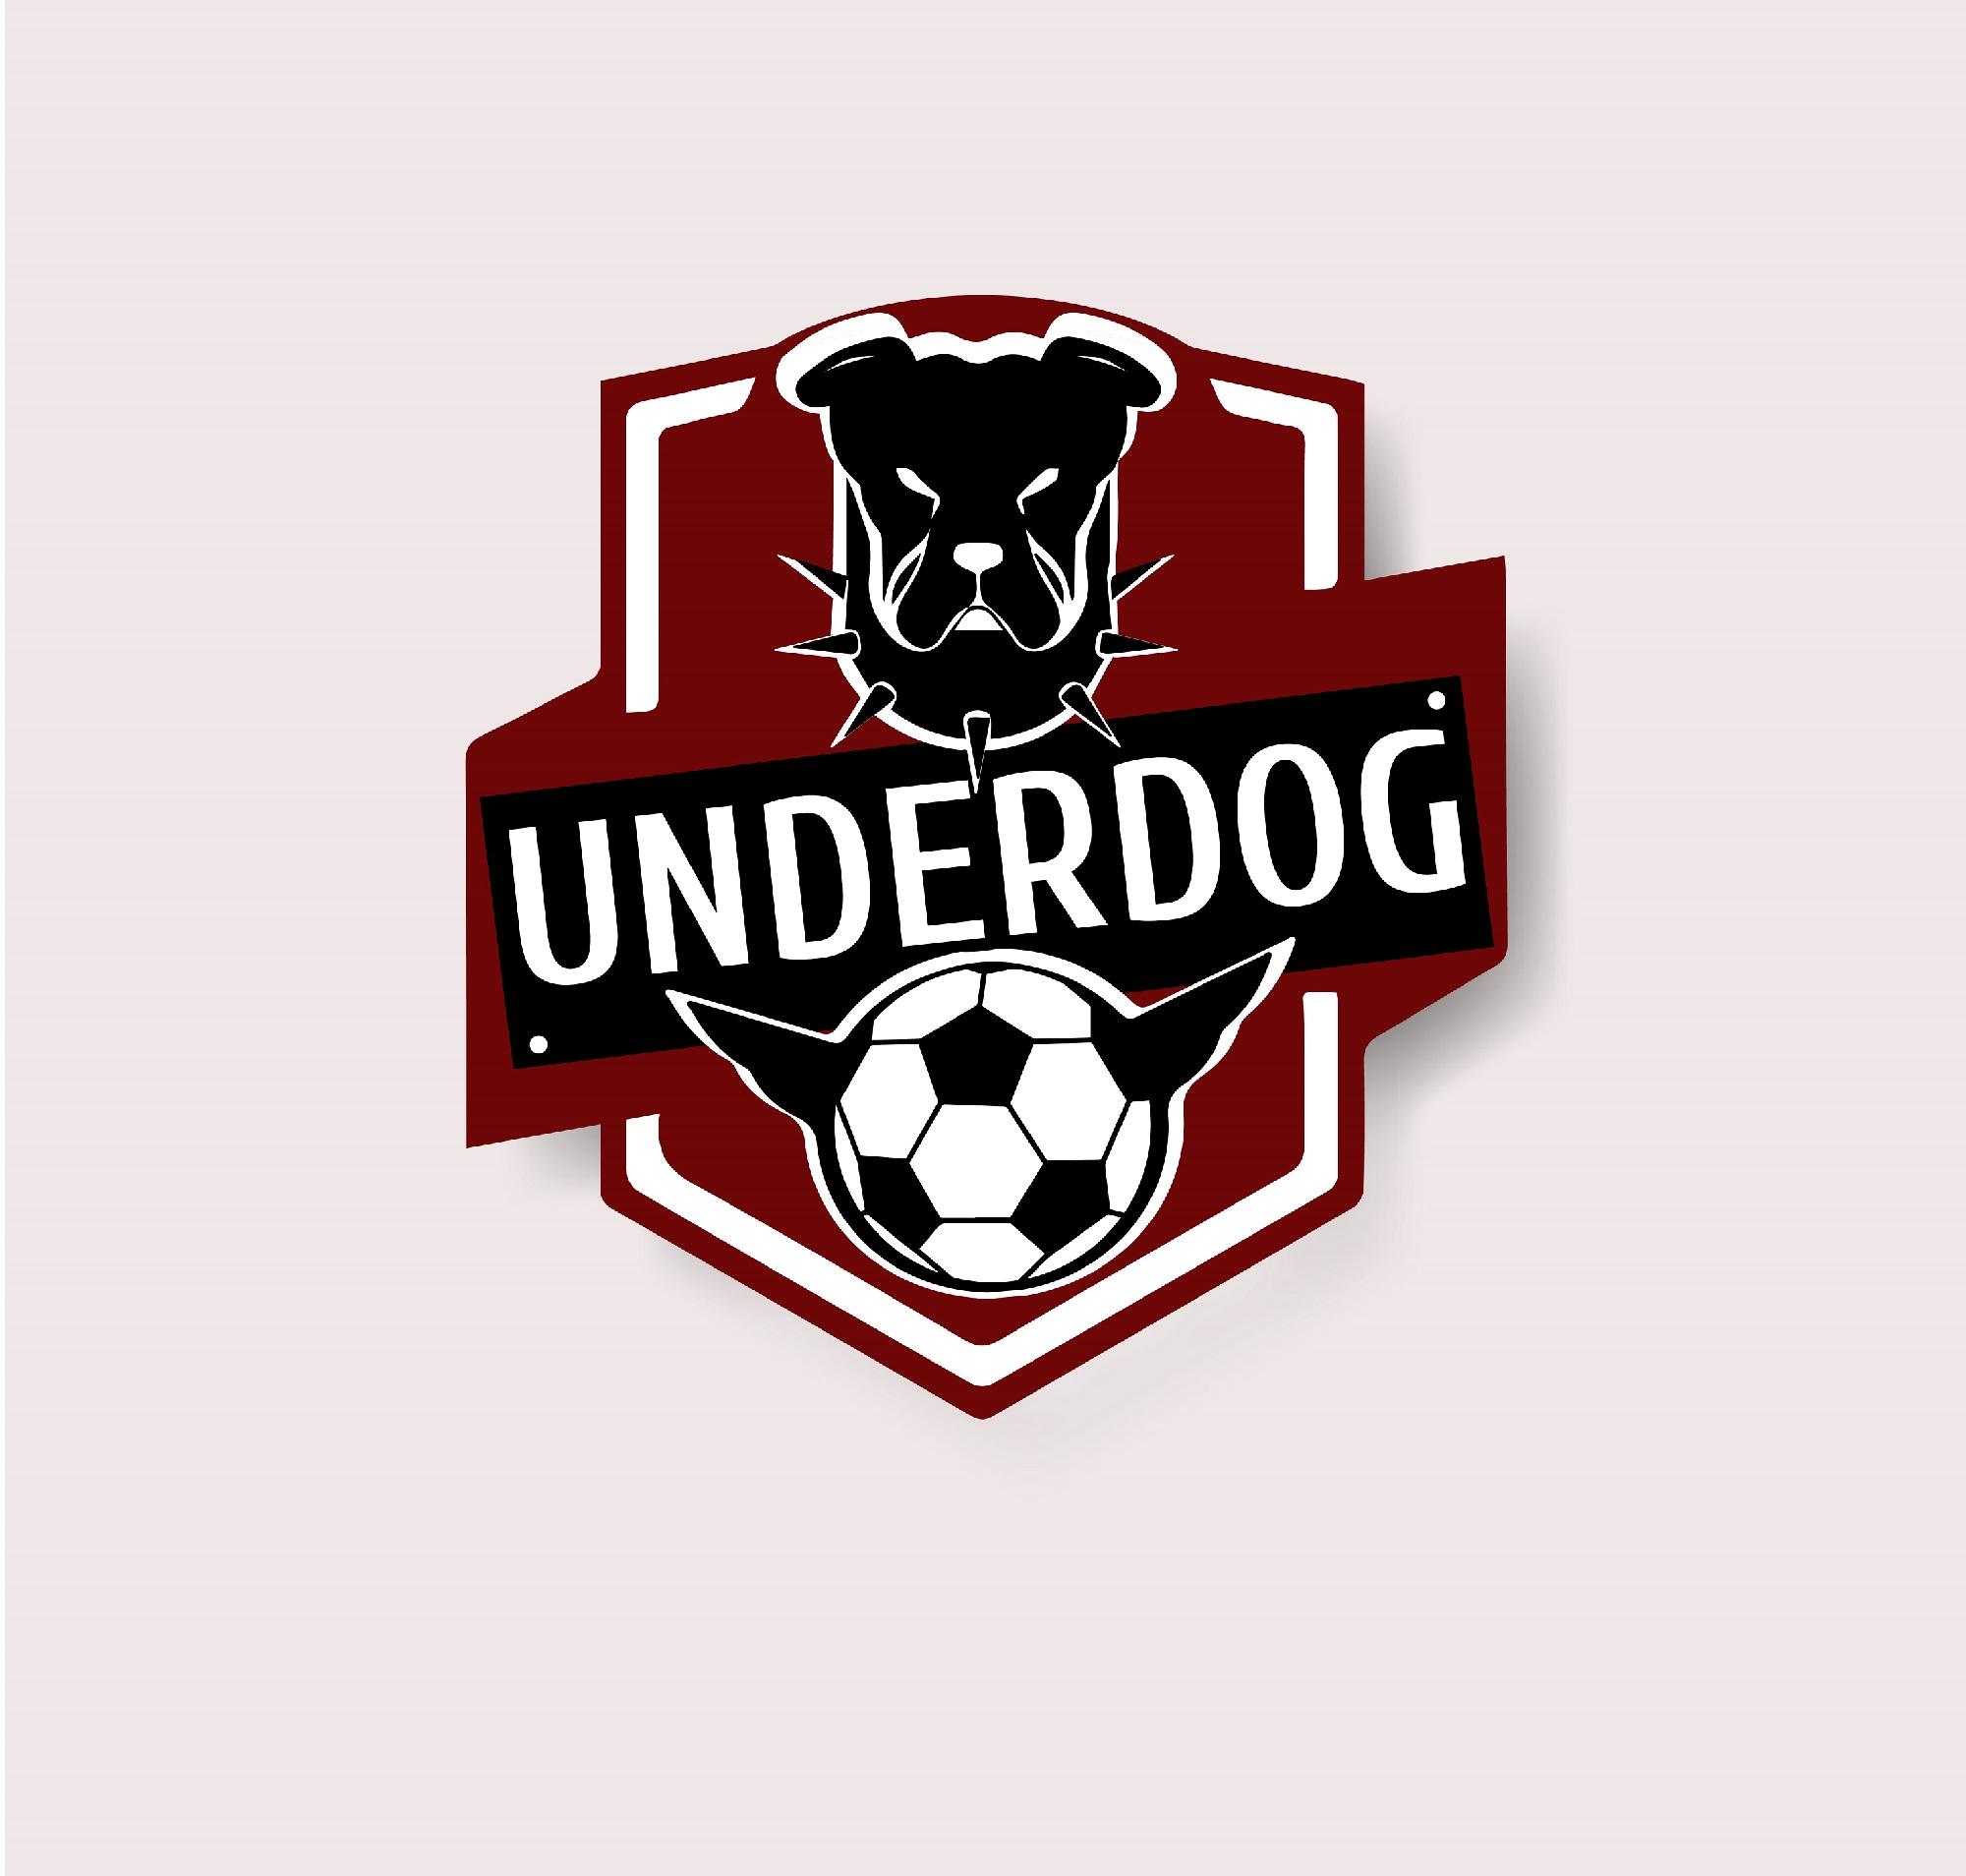 Футбольный клуб UNDERDOG - разработать фирстиль и бренд-бук фото f_3825caf813697c97.jpg